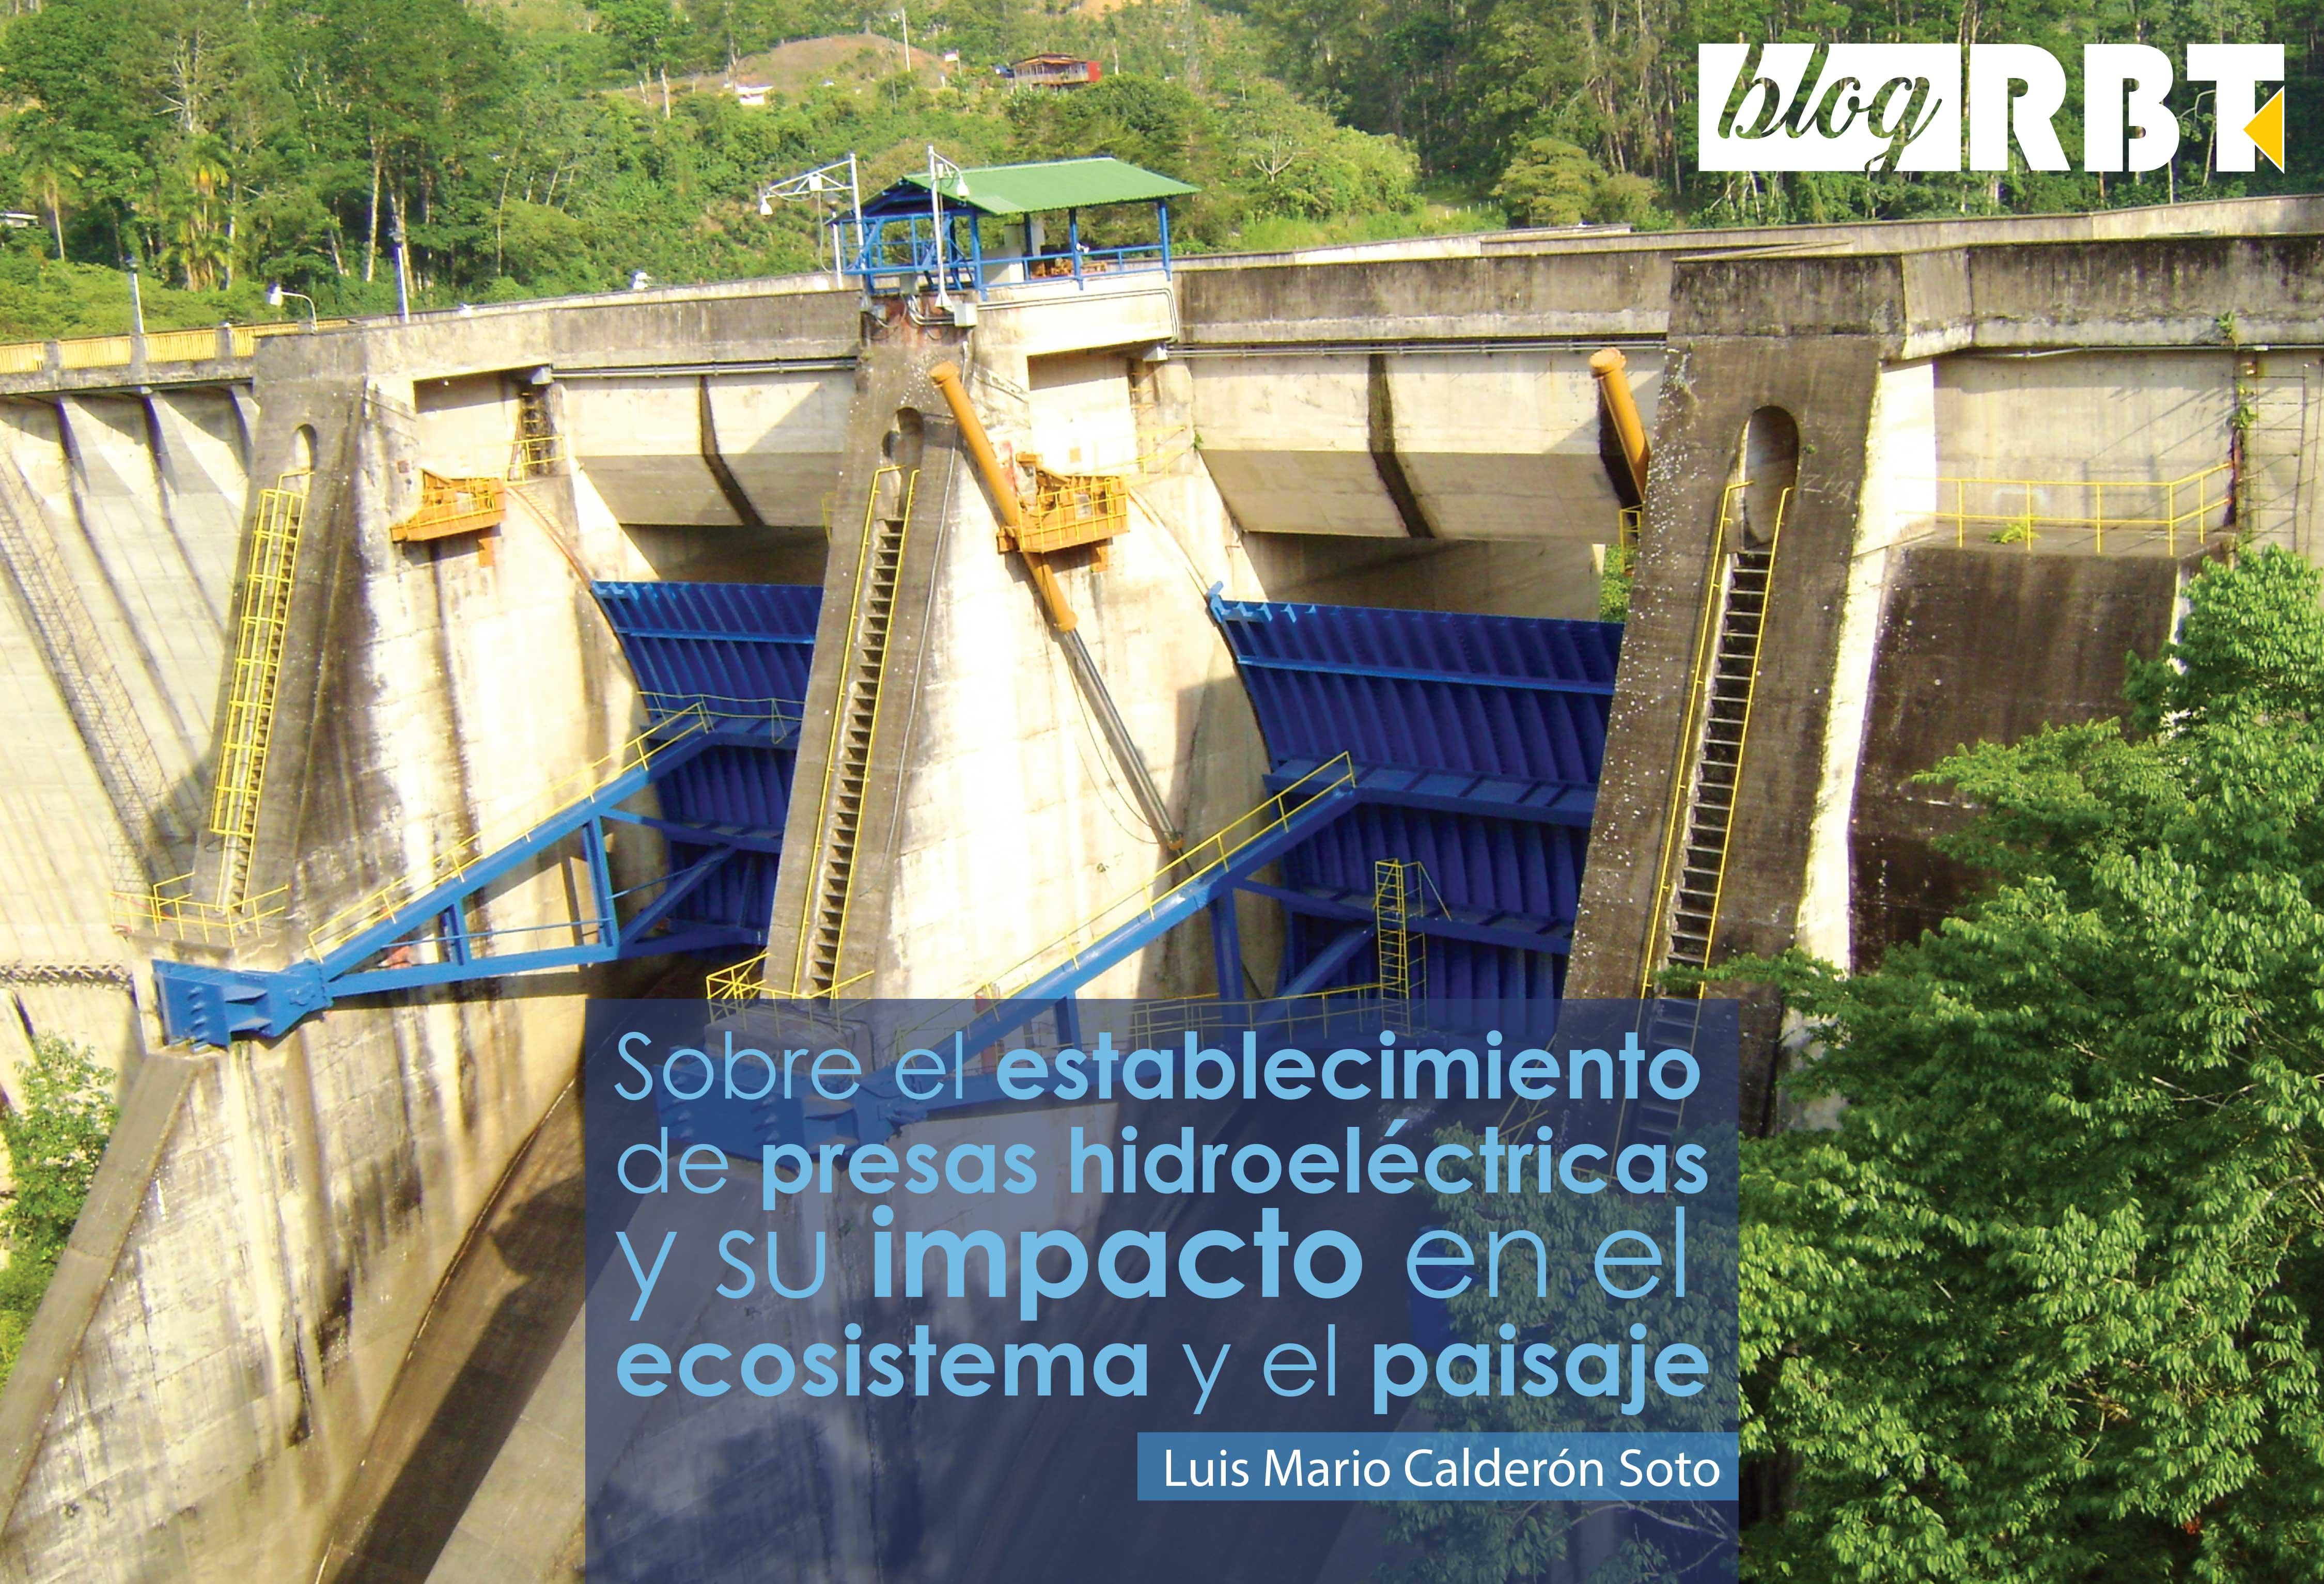 Vista cercana de la represa hidroeléctrica Cachí, provincia de Cartago, Costa Rica. Fotografía (Dominio público)